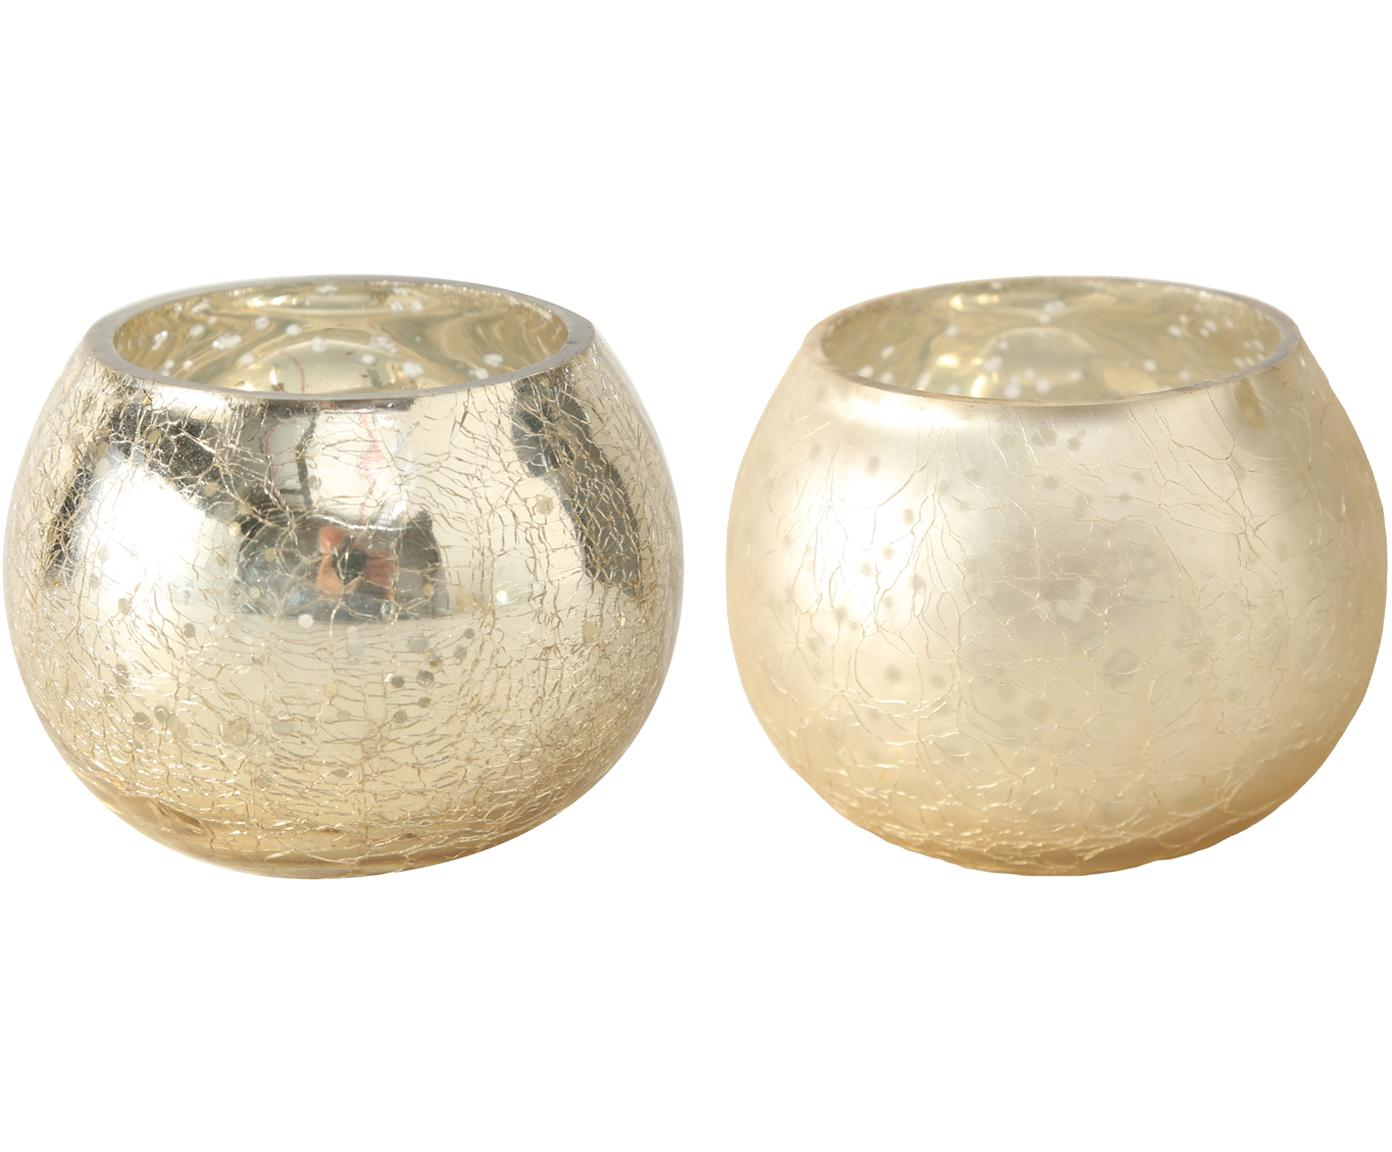 Set 2 portacandele Grusha, Vetro verniciato, Champagne, opaco e lucido, Ø 7 x Alt. 6 cm